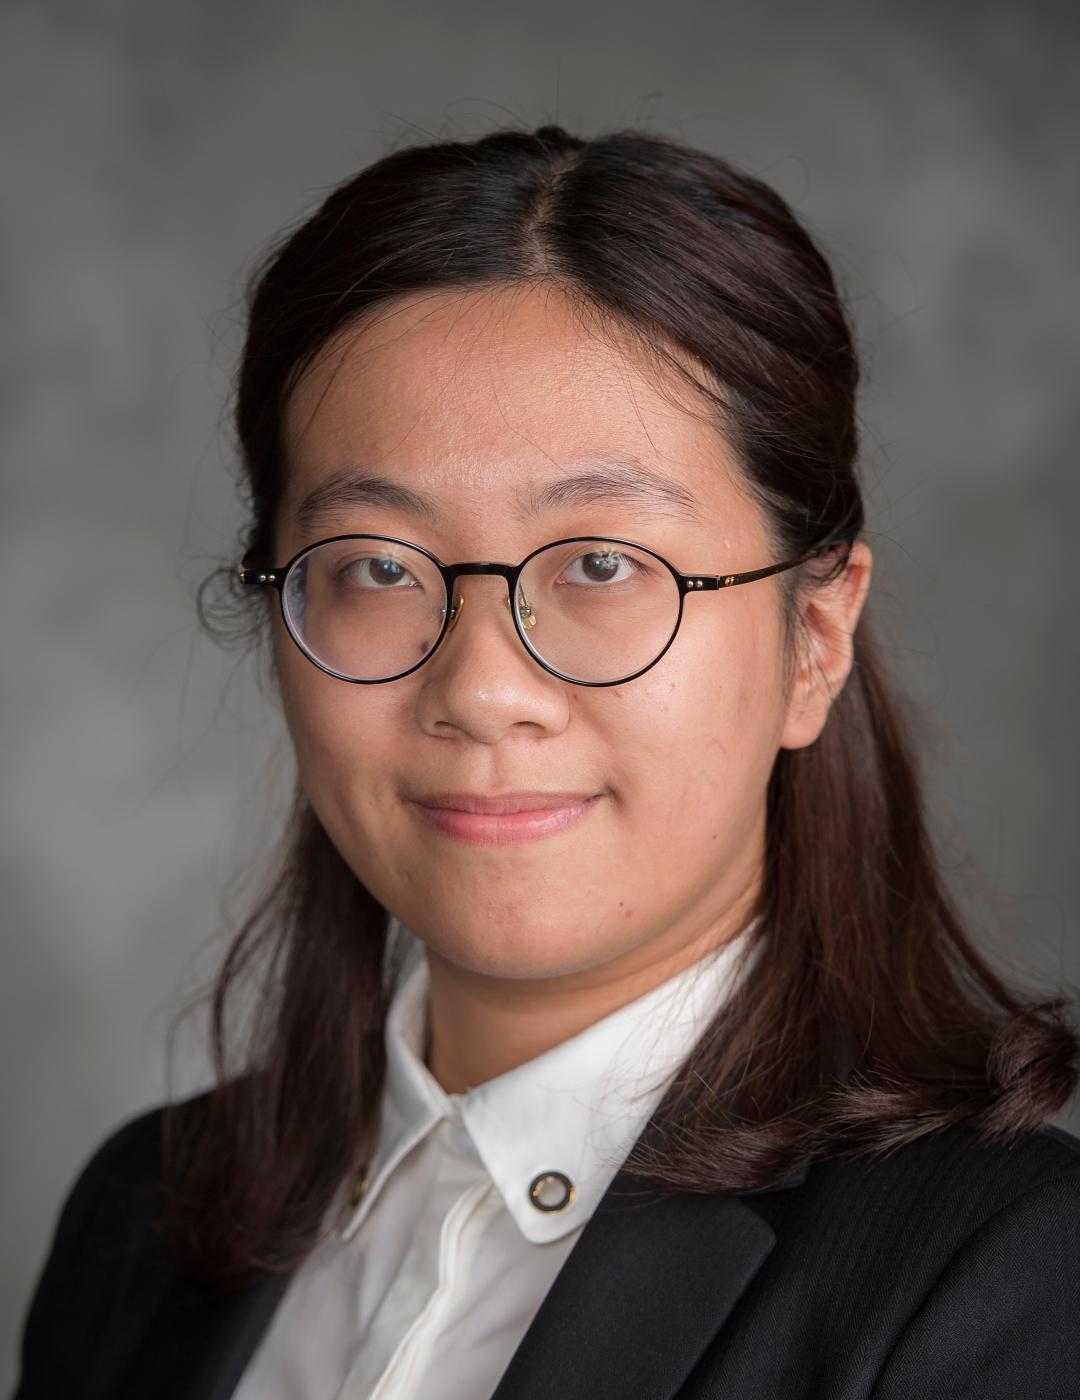 Wenrui (Echo) Huang